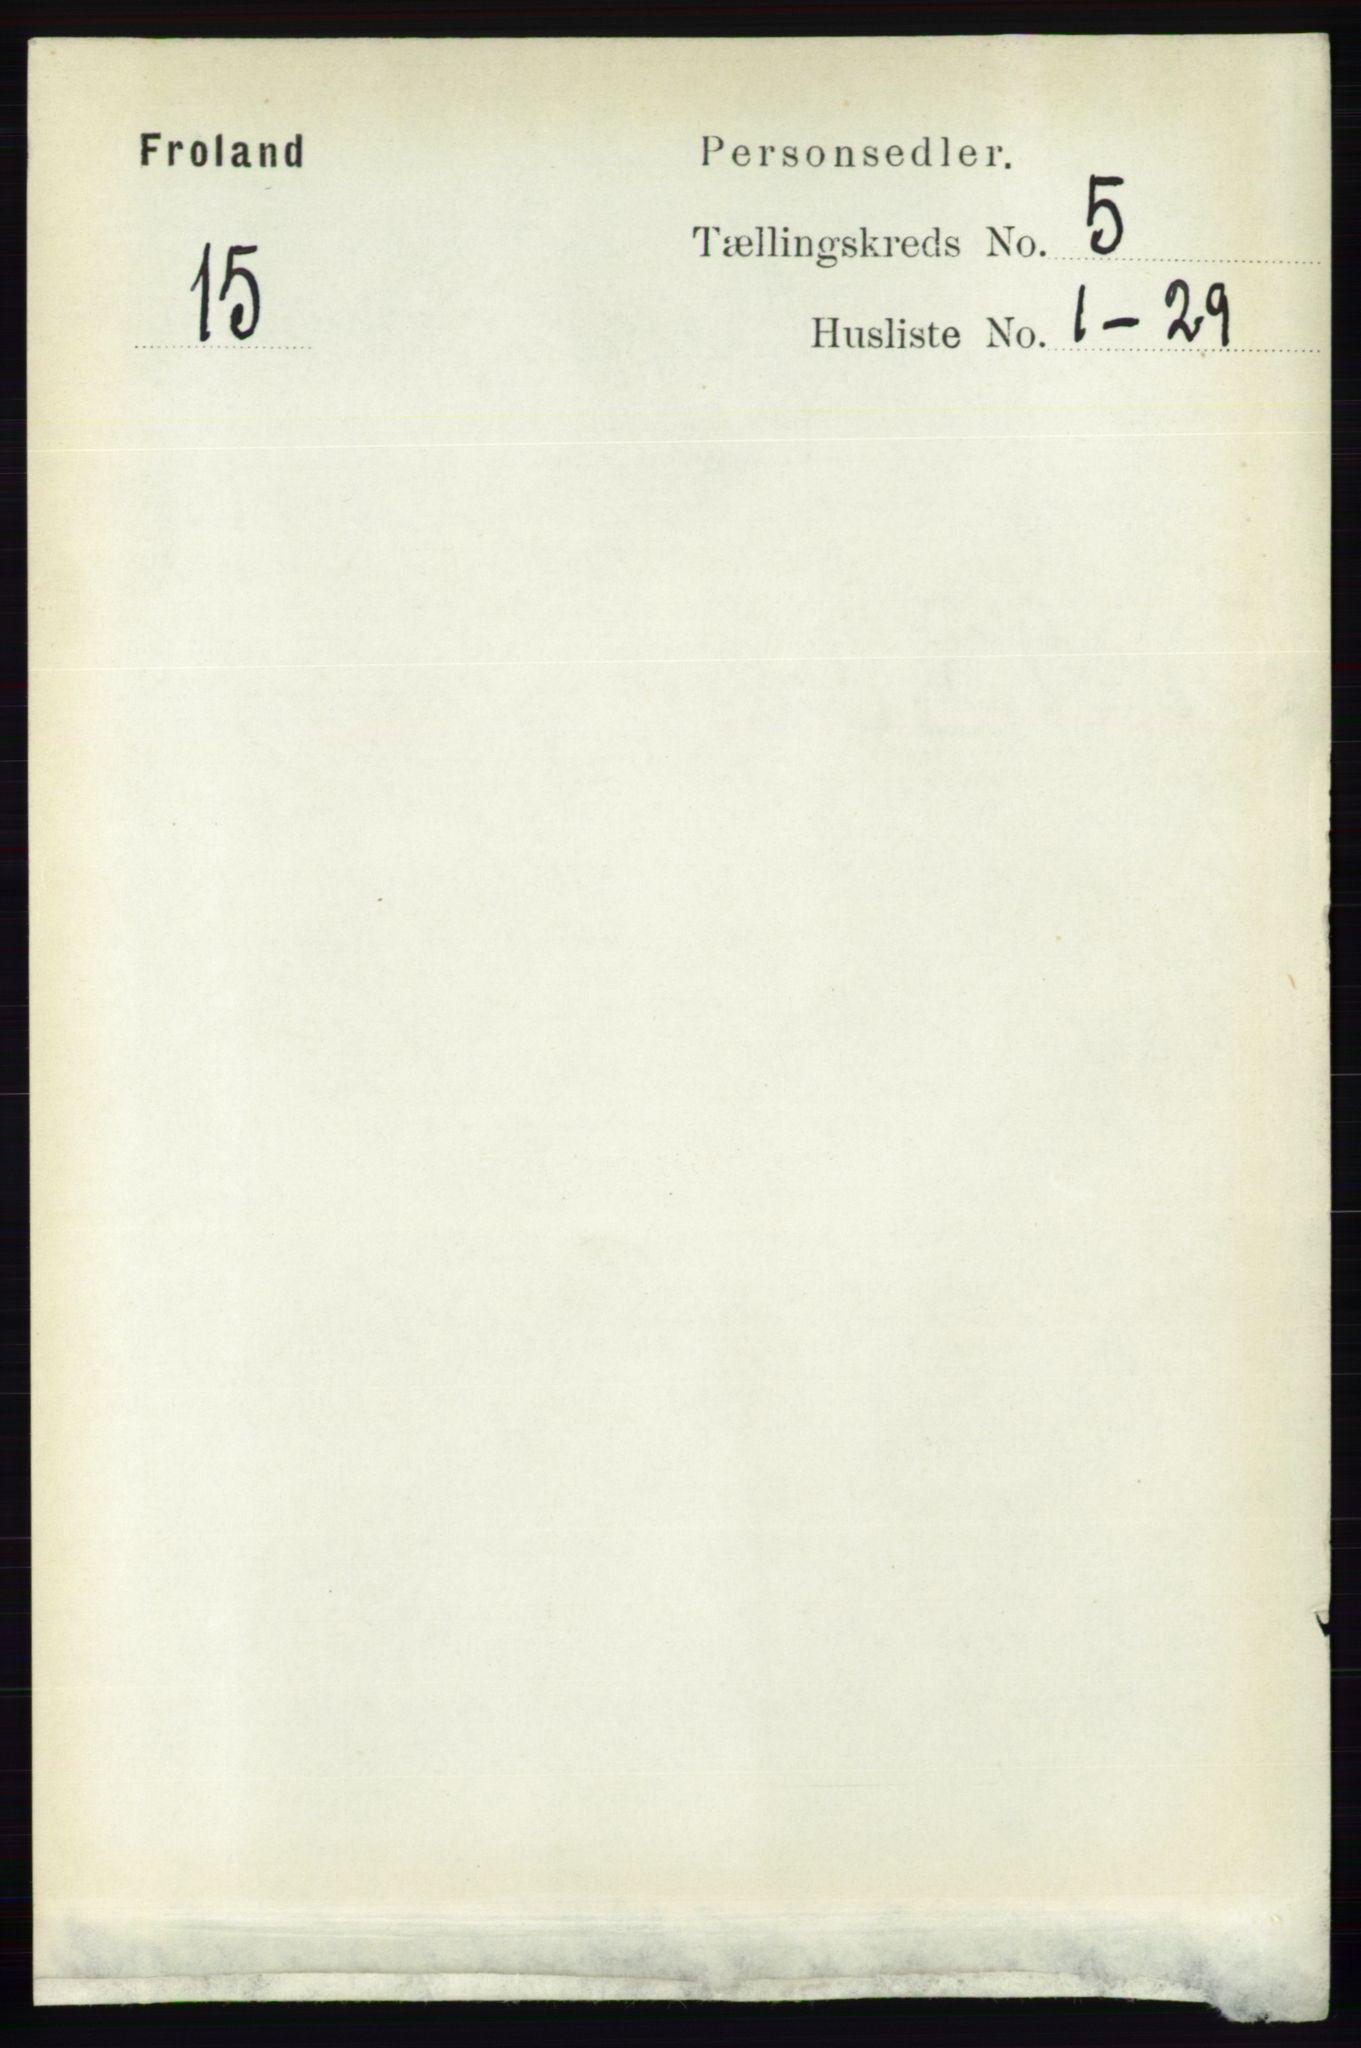 RA, Folketelling 1891 for 0919 Froland herred, 1891, s. 1779